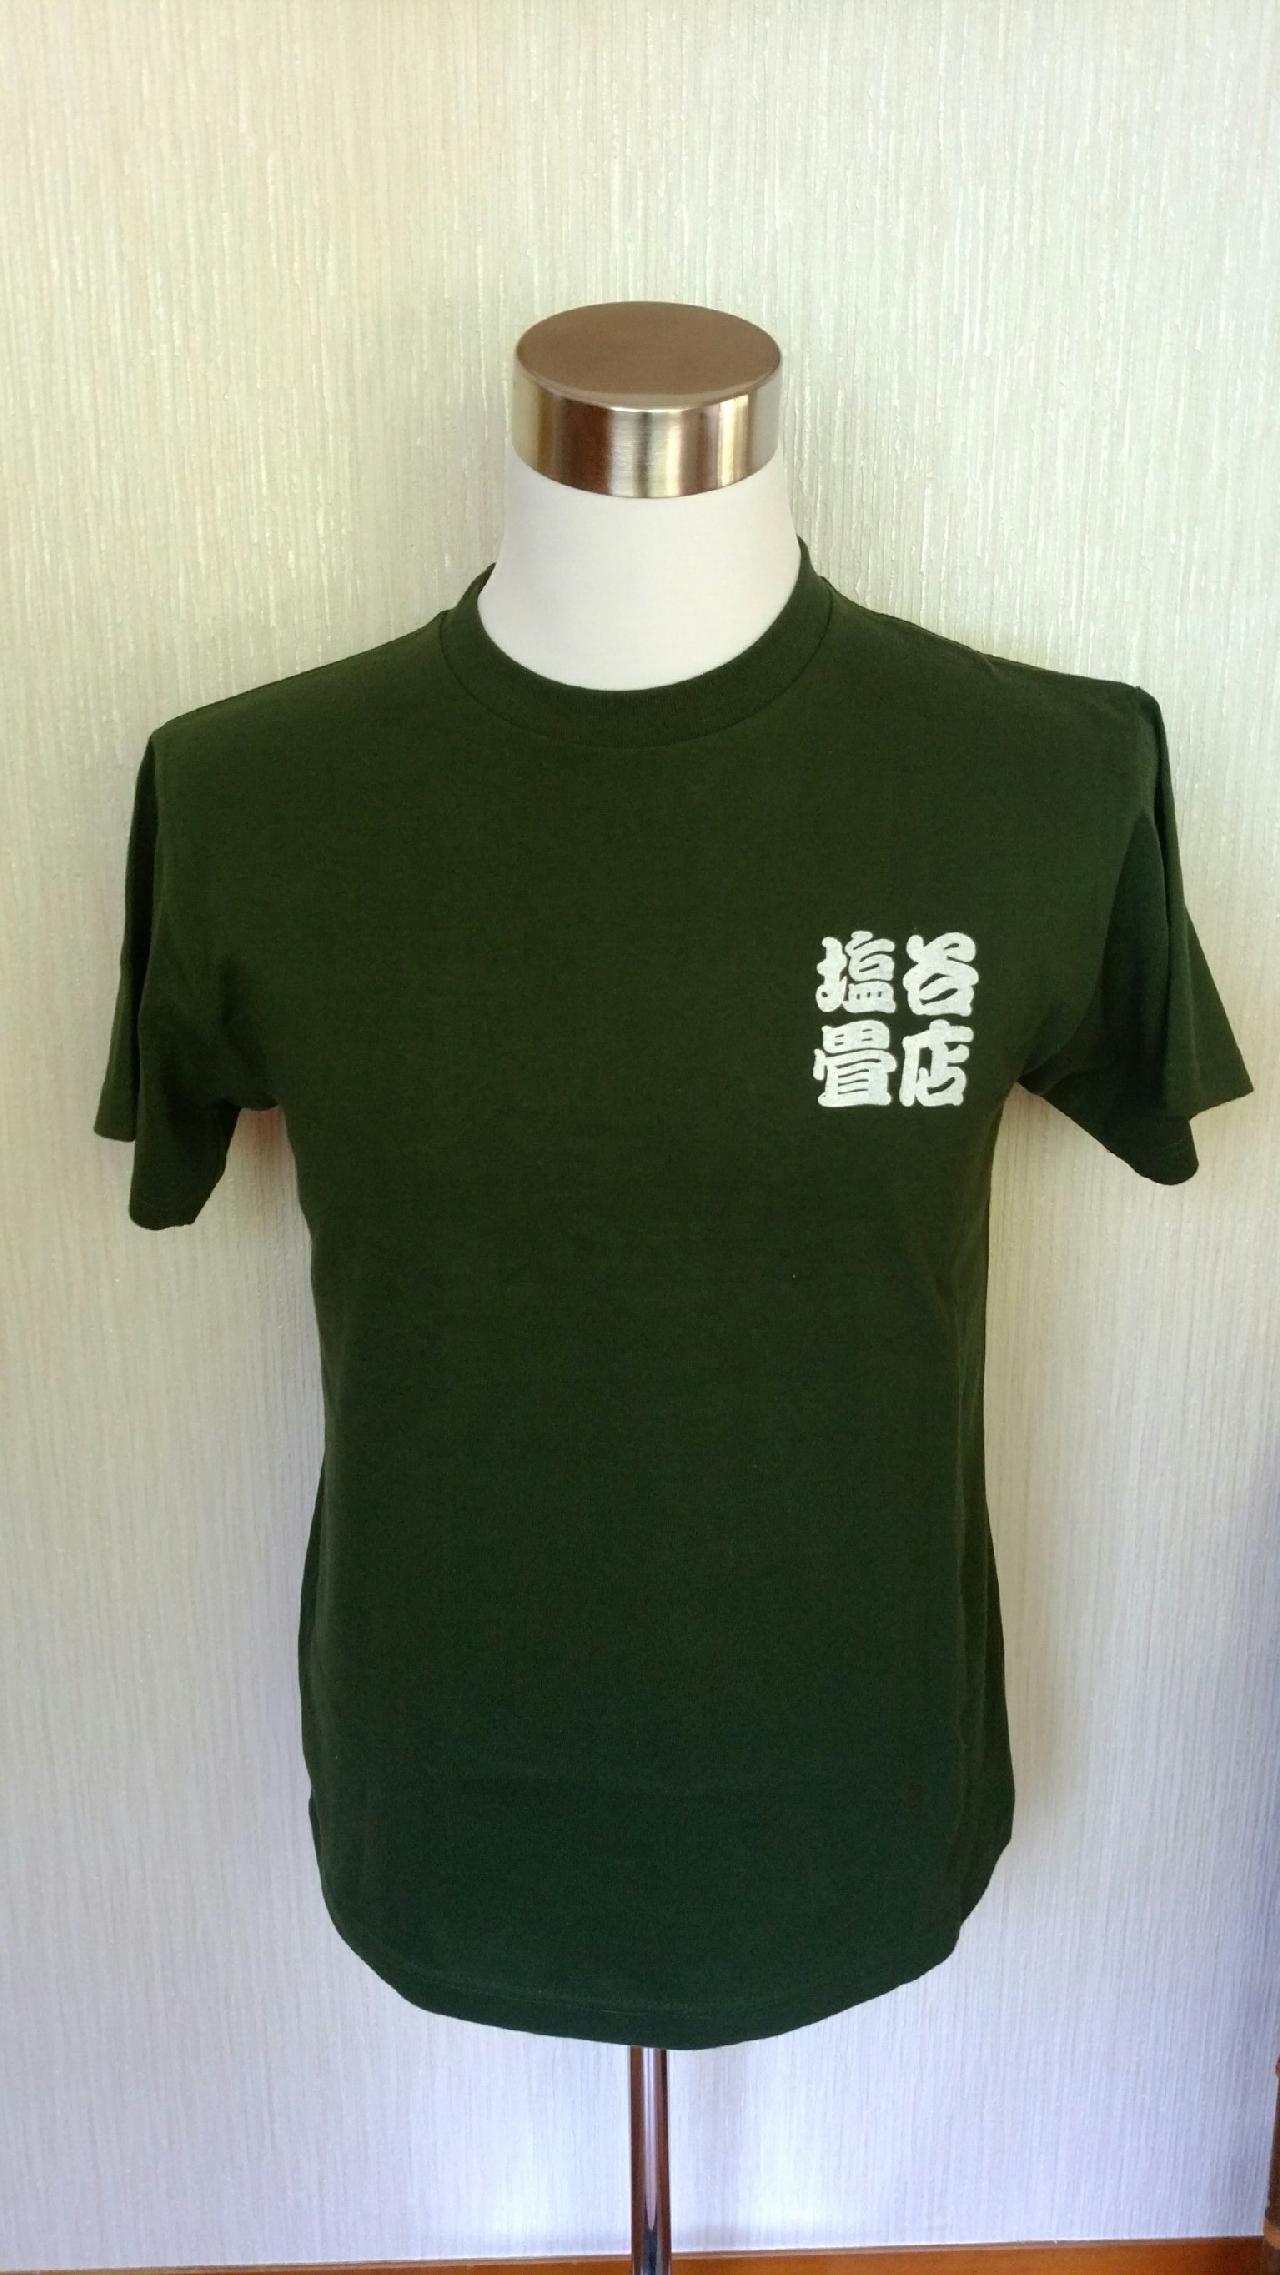 塩谷畳店オフィシャルTシャツ